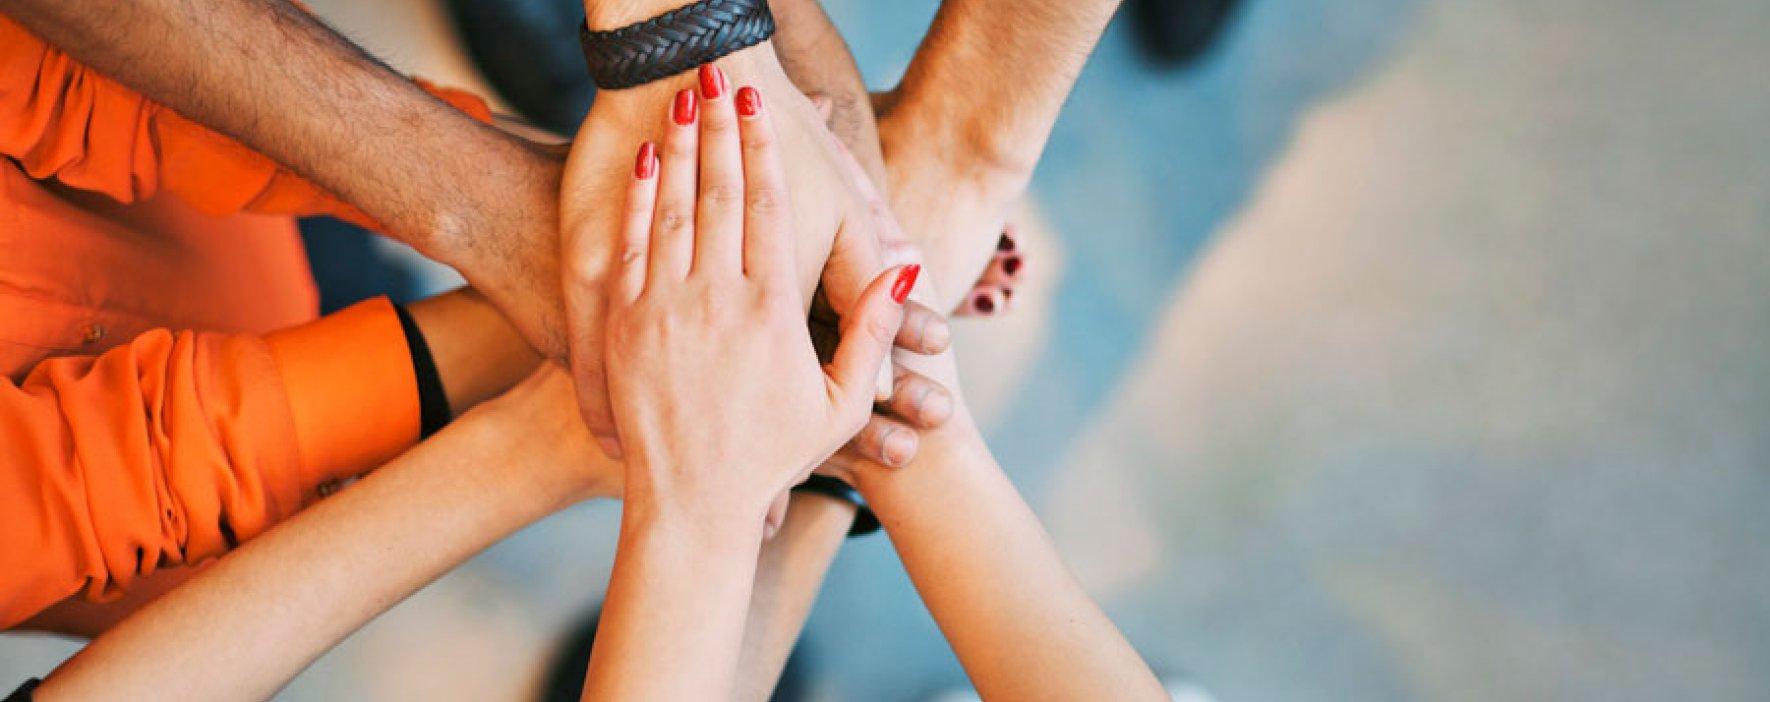 Fundación Compartir: un espacio de aprendizajes para estudiantes universitarios